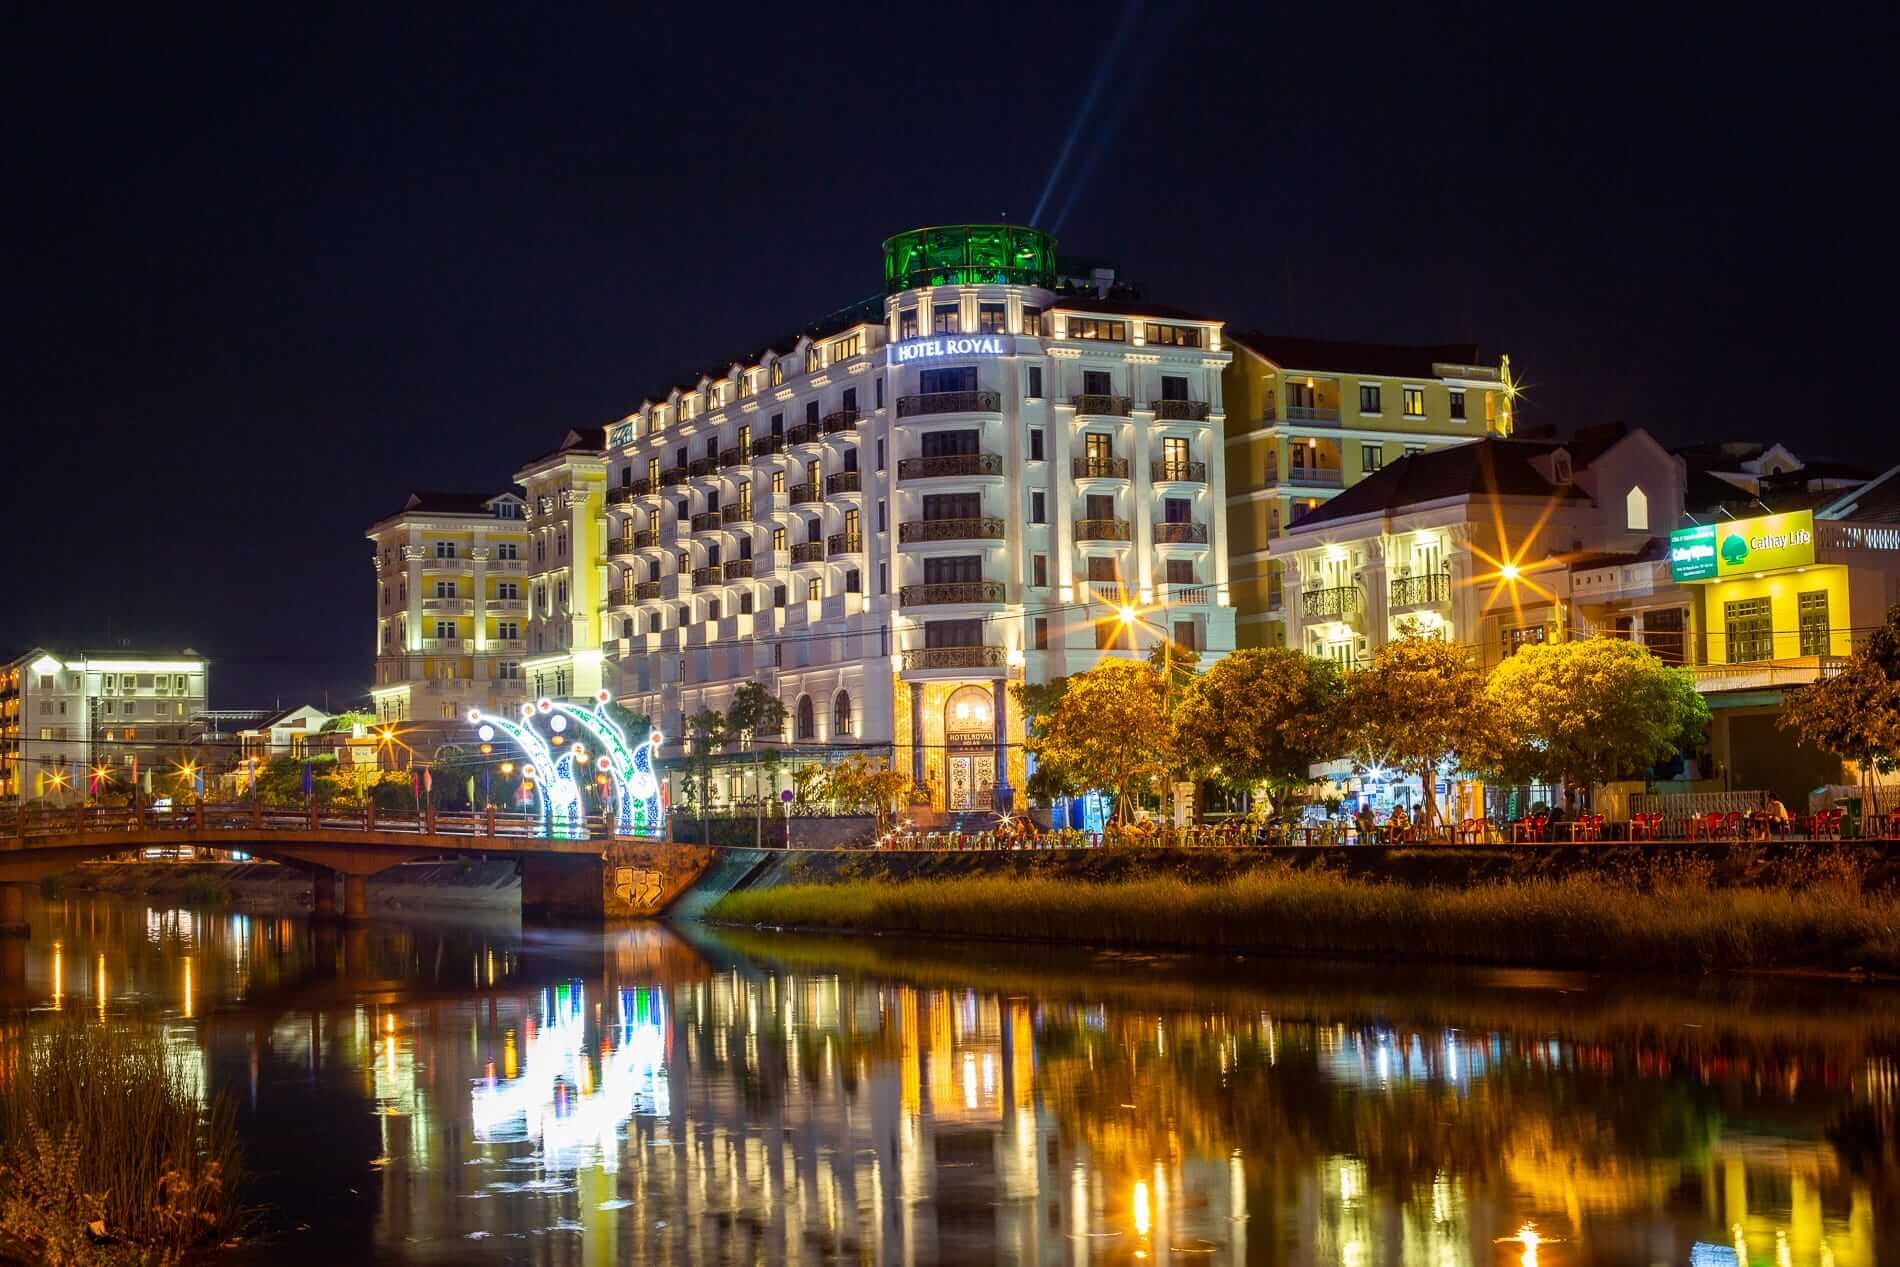 Hotel Royal Hoi An at night